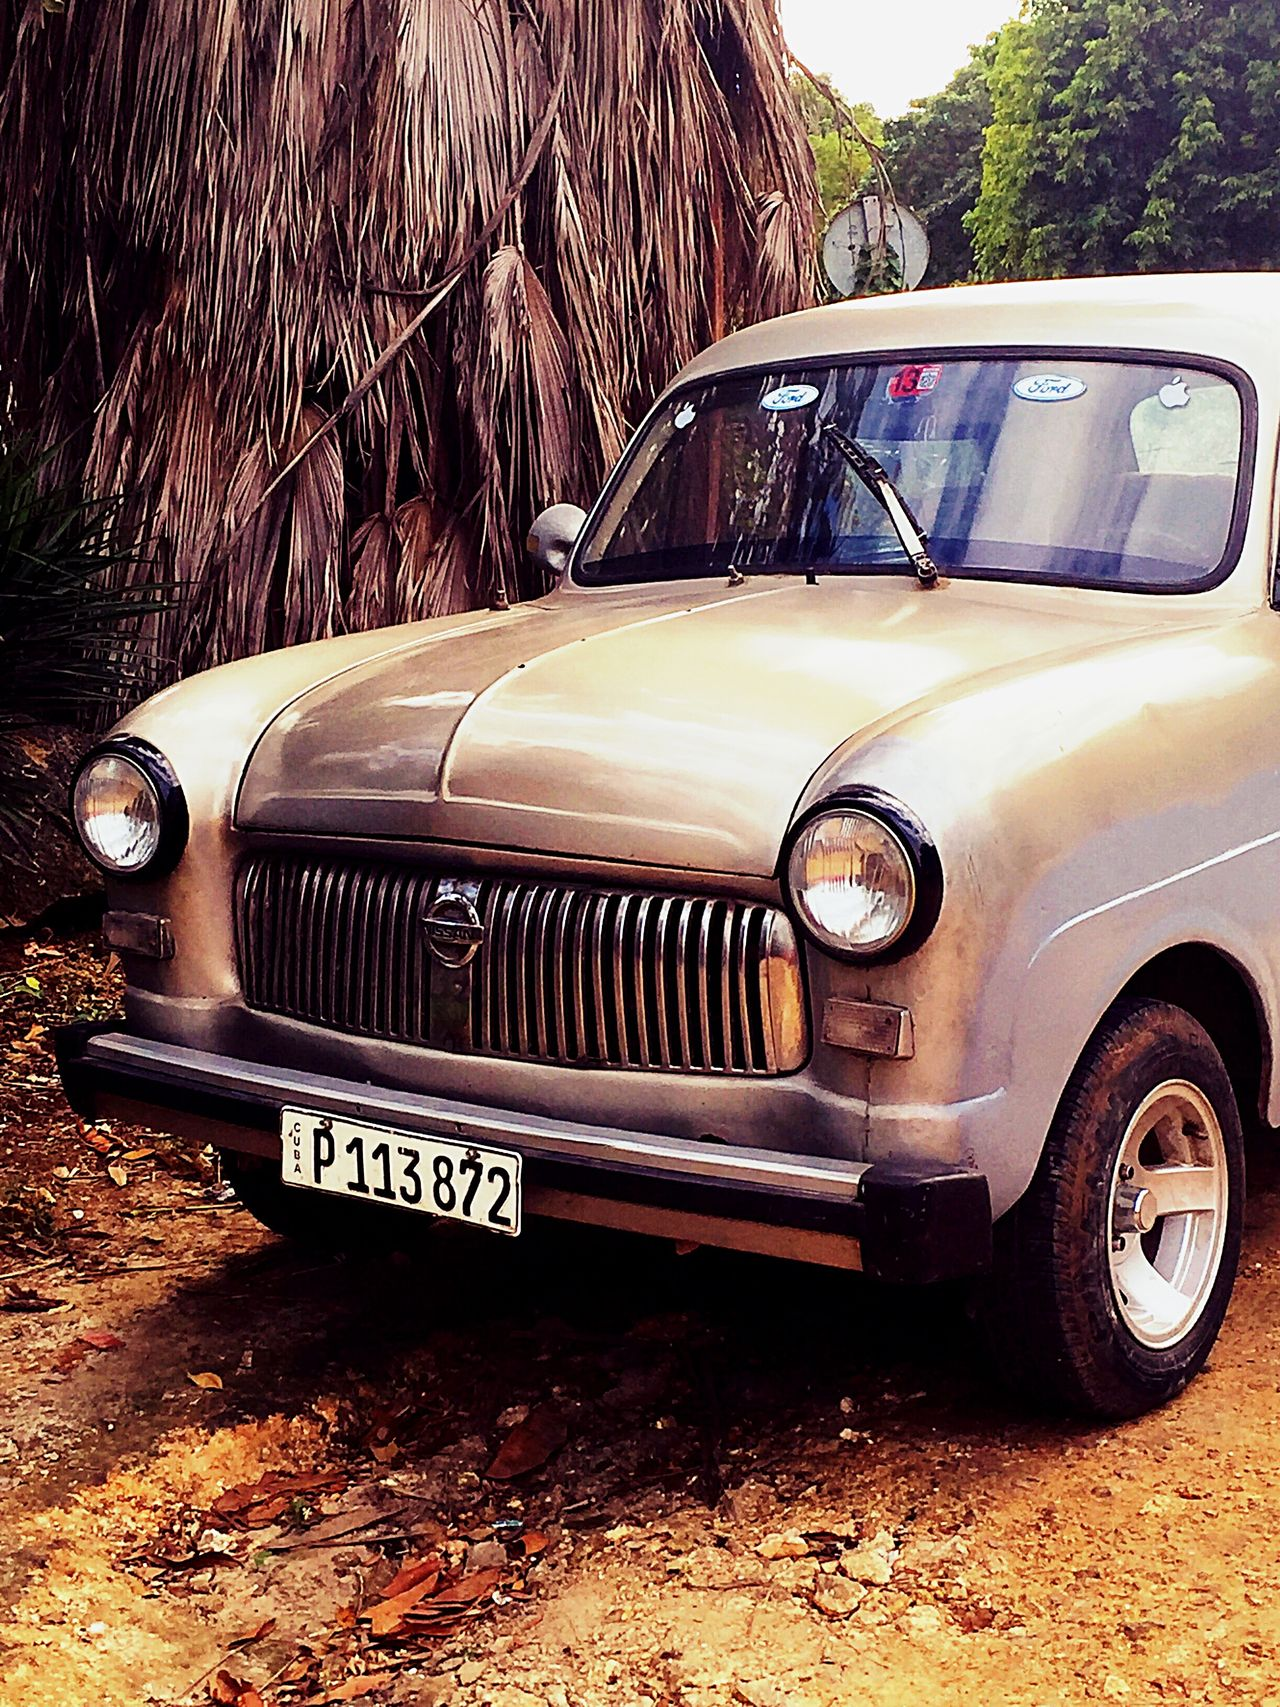 Cuba Cuba Collection Cuban CUBA! Cuban Cars Cuban Life Cuba Streets Cuban Style Classic Classic Cars Classiccar Nissan Classiccars Car Photography Car Porn Varadero, Cuba Varadero EyeEm Best Shots EyeEm Gallery EyeEmBestPics Cuban Cars, Cuba Car Cuba Cars Classic Car Vintage Cars